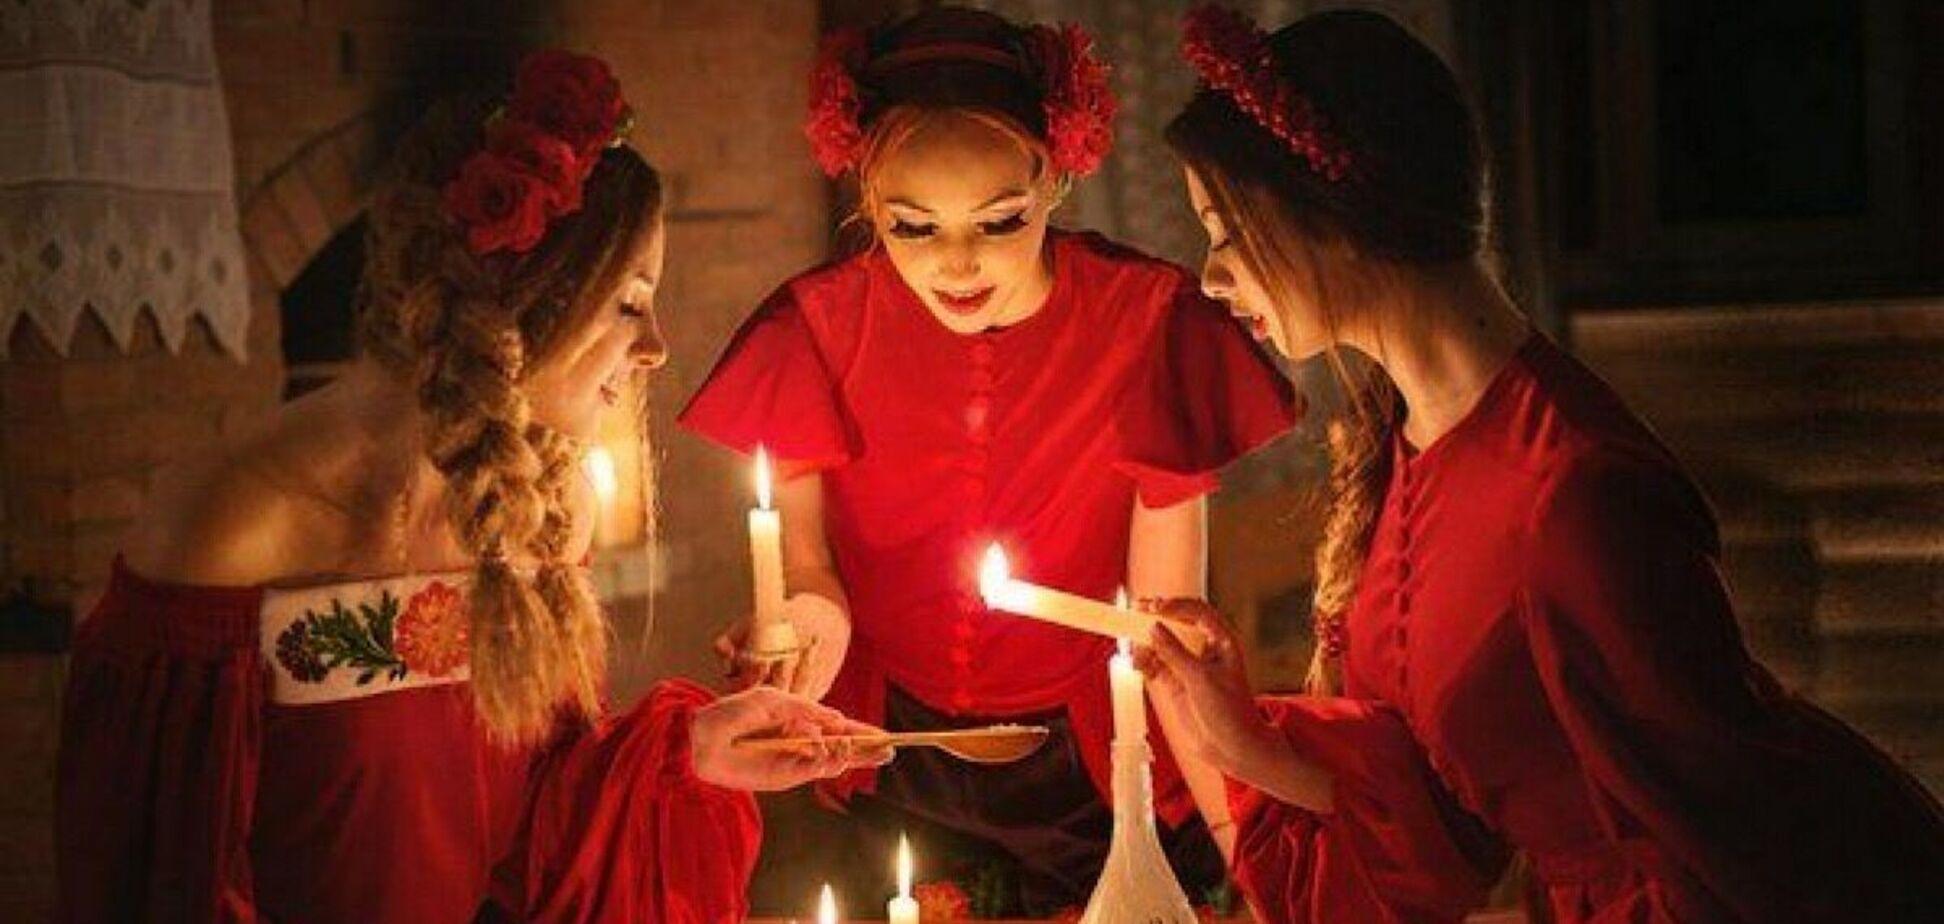 У Старий Новий рік дівчата ворожать на женихів і на майбутнє